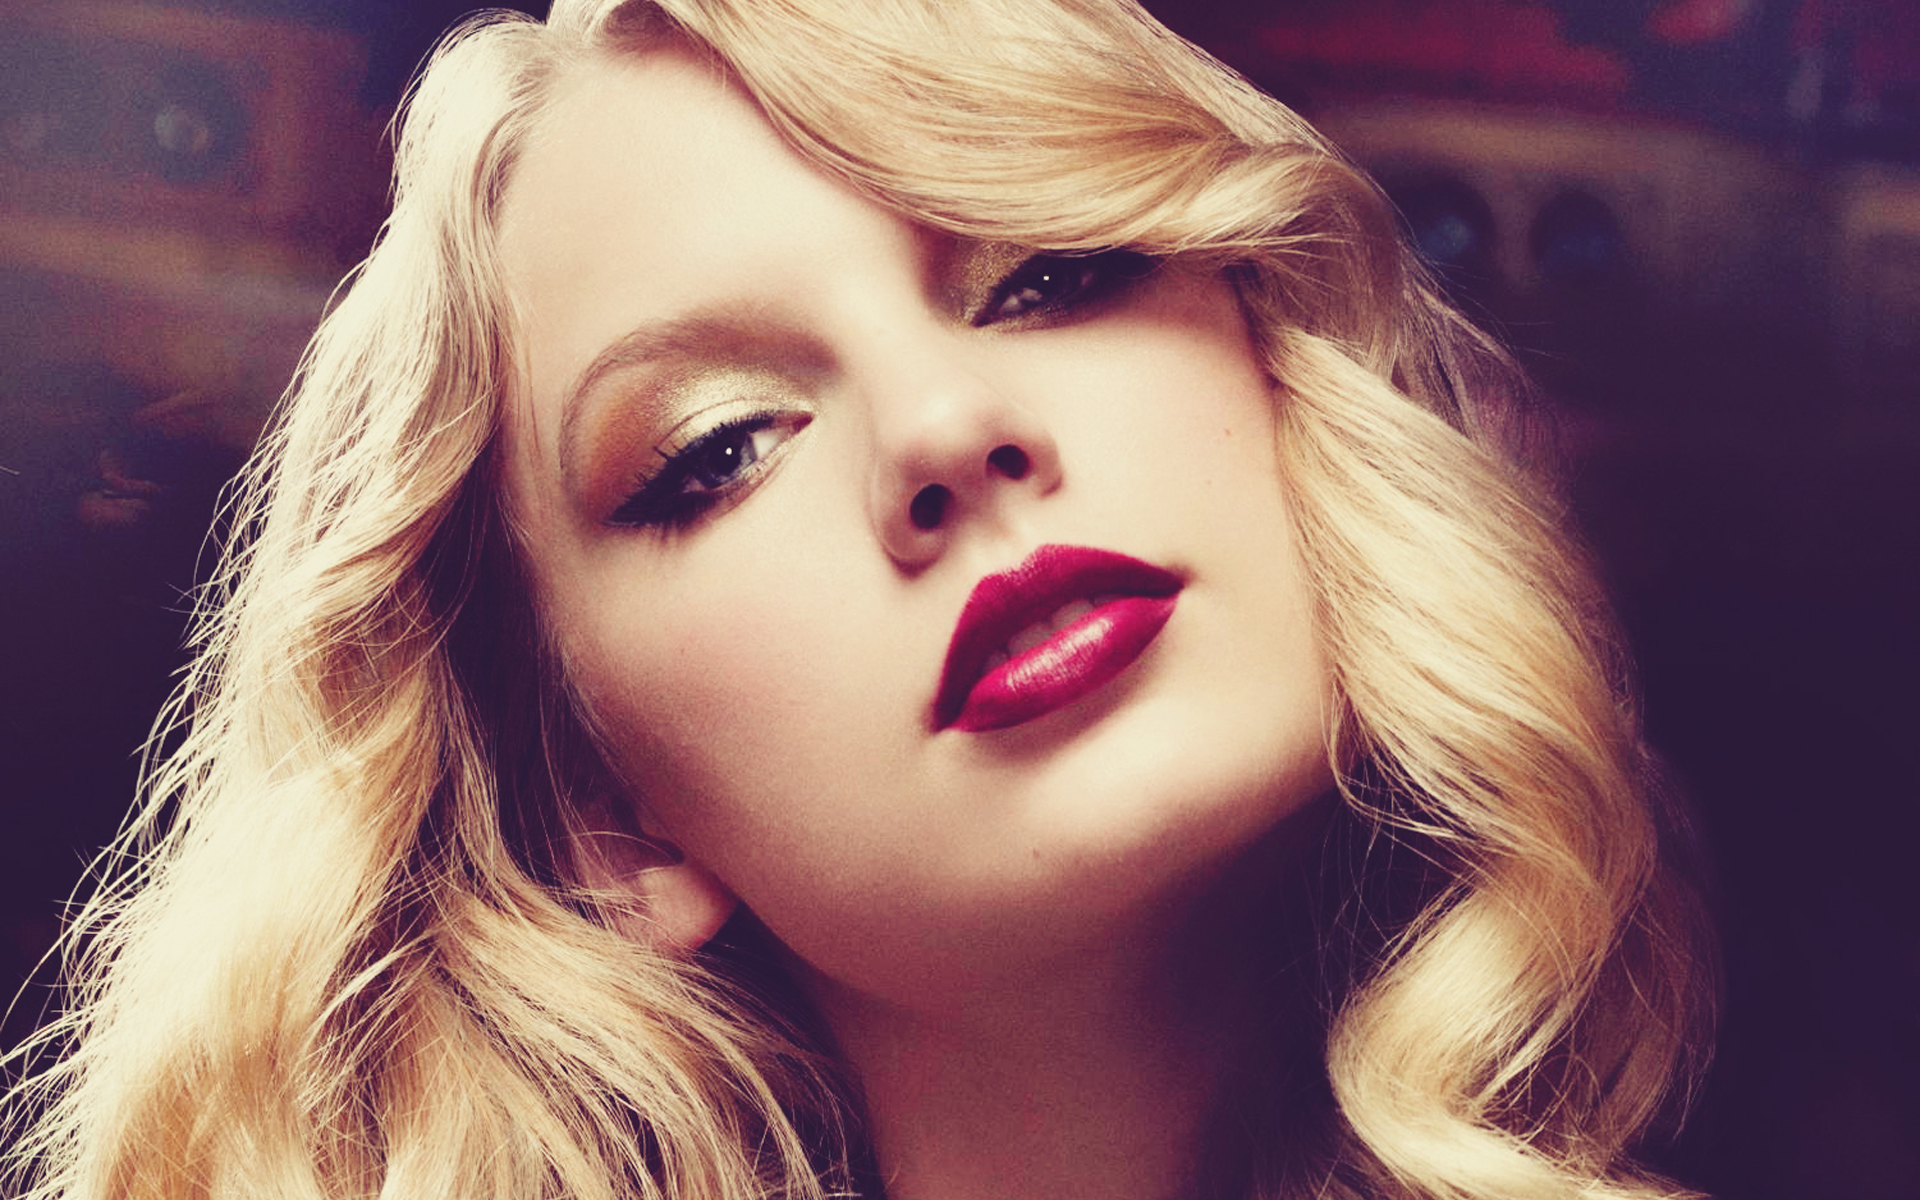 Swift - Taylor Swift Wallpaper (30127805) - Fanpop